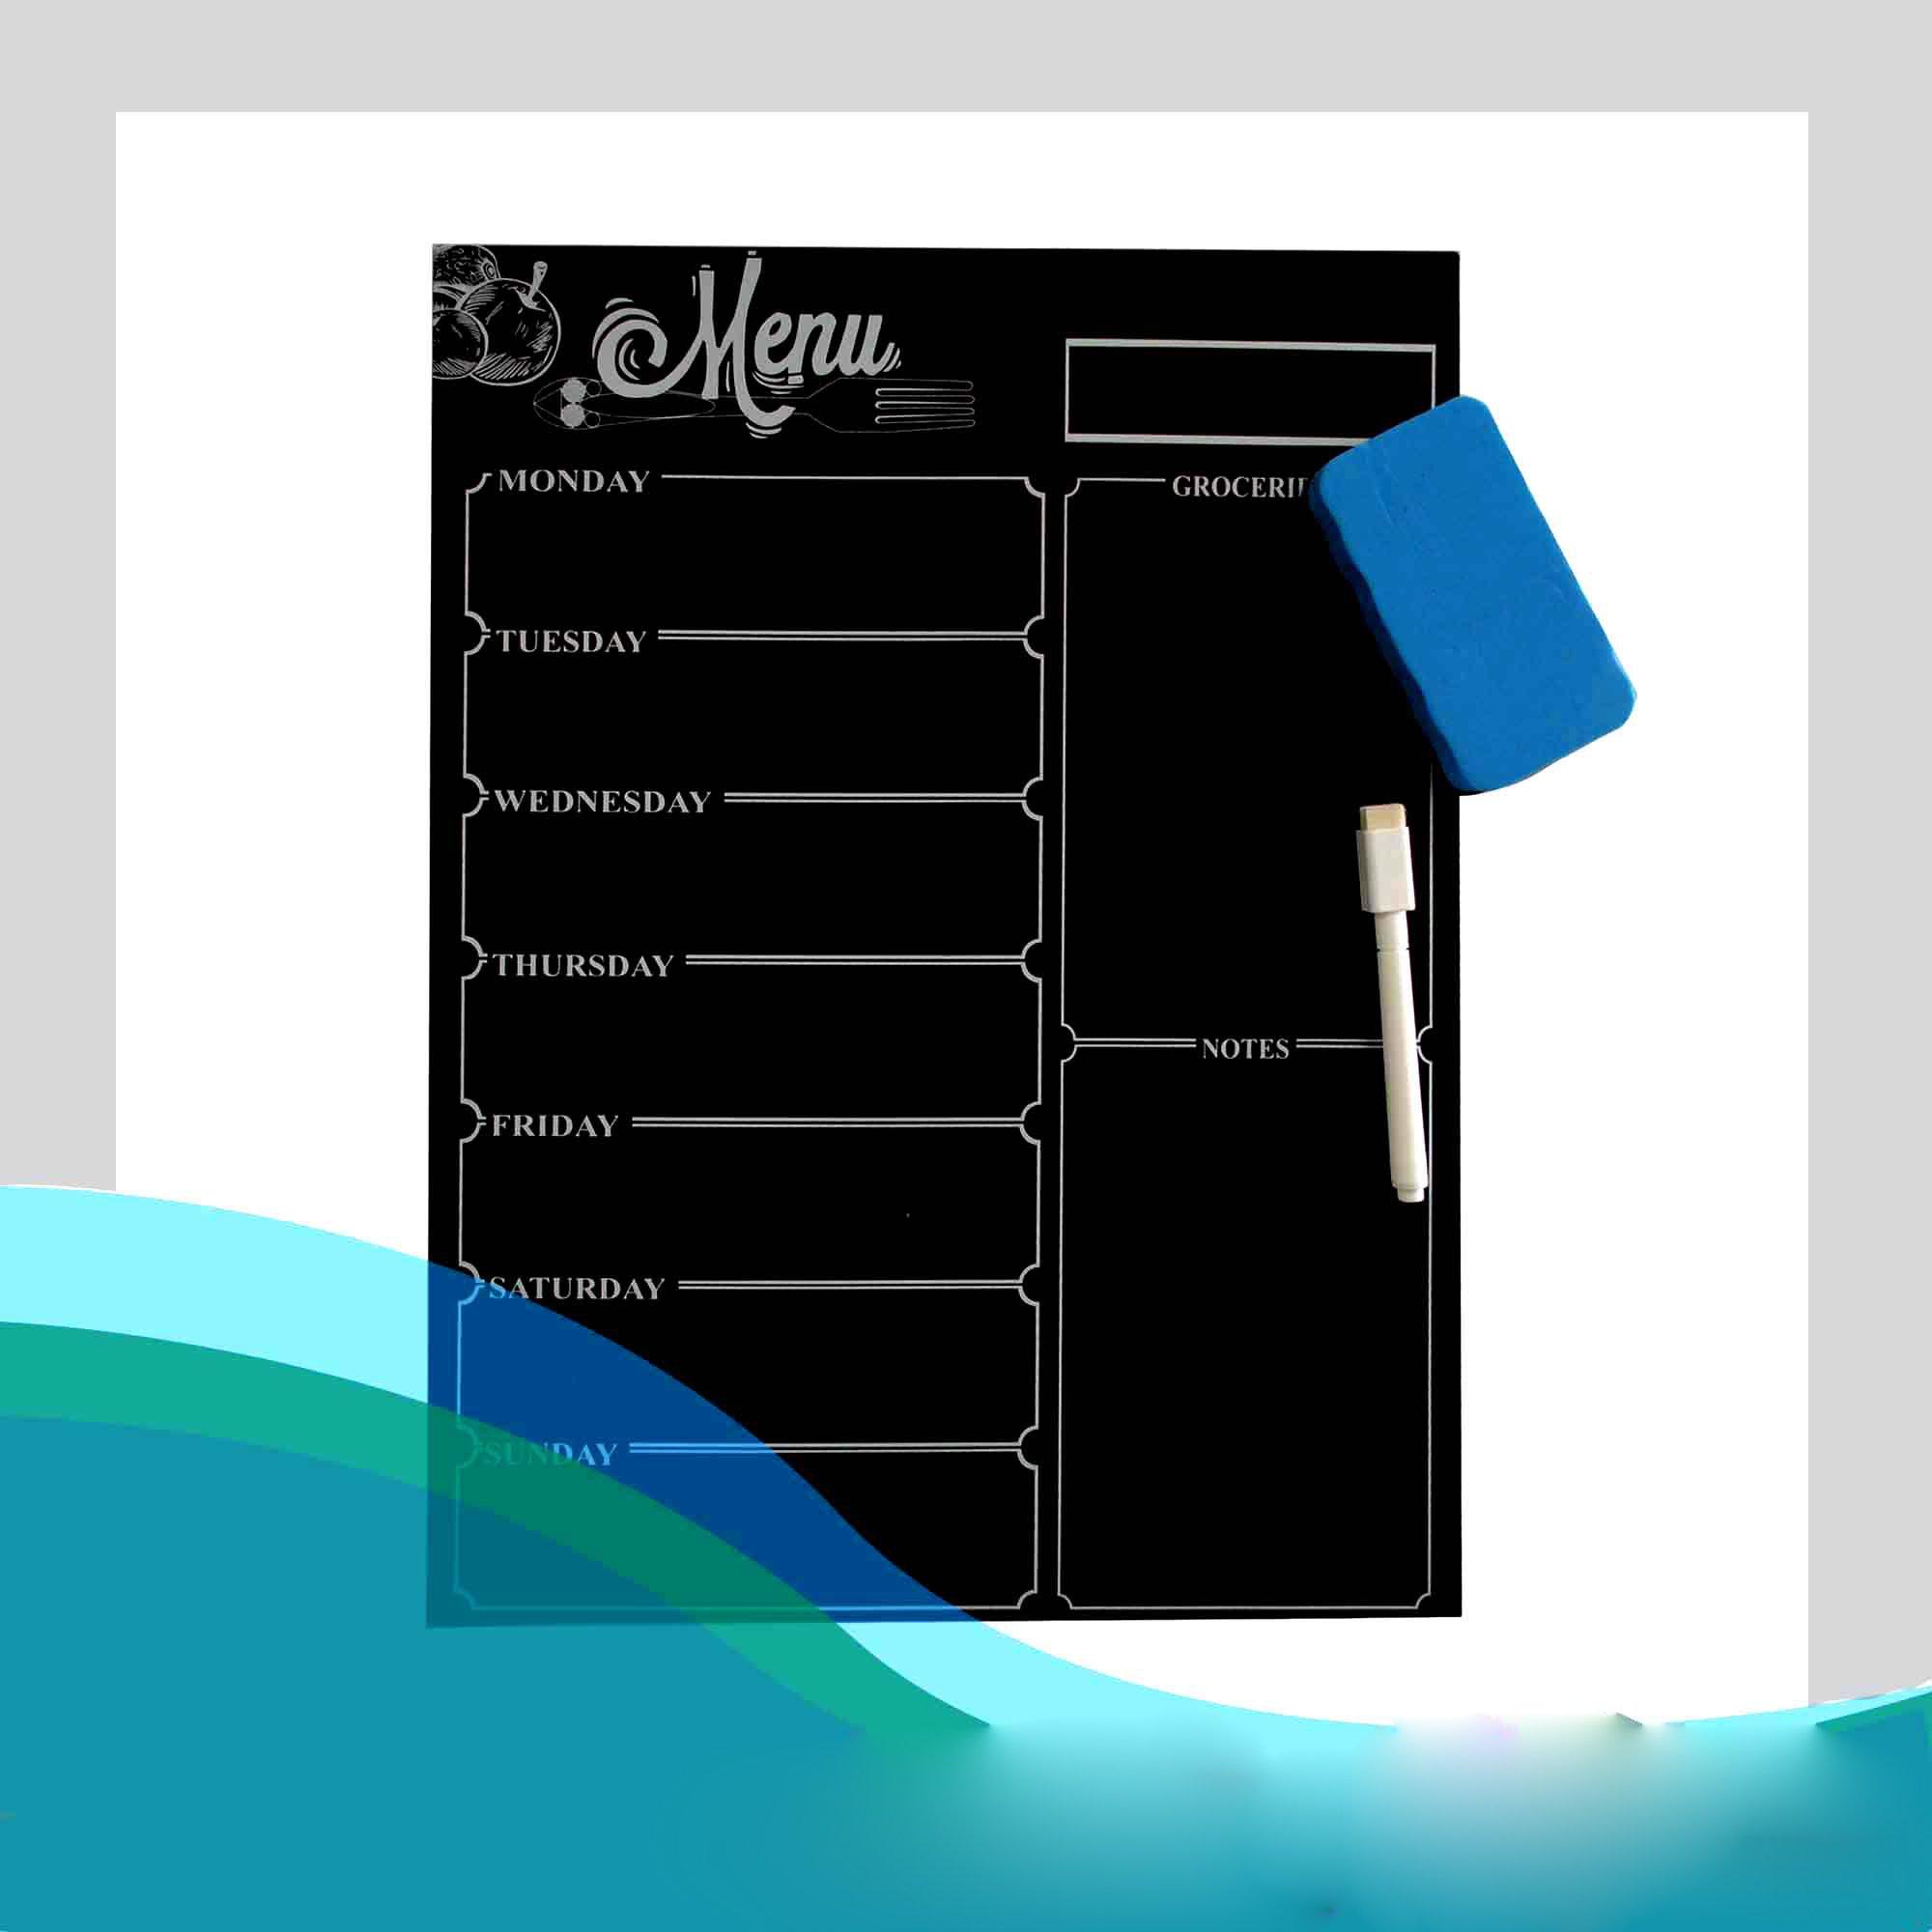 Lecent@ 10.6''X15.7'' Refrigerator Magnetic Dry Erase Black Board Calendar Magnet Board Magnetic Organizer Board Fridge Menu Magnet Chalk Includes 1 Marker and Eraser Menu Planner Board